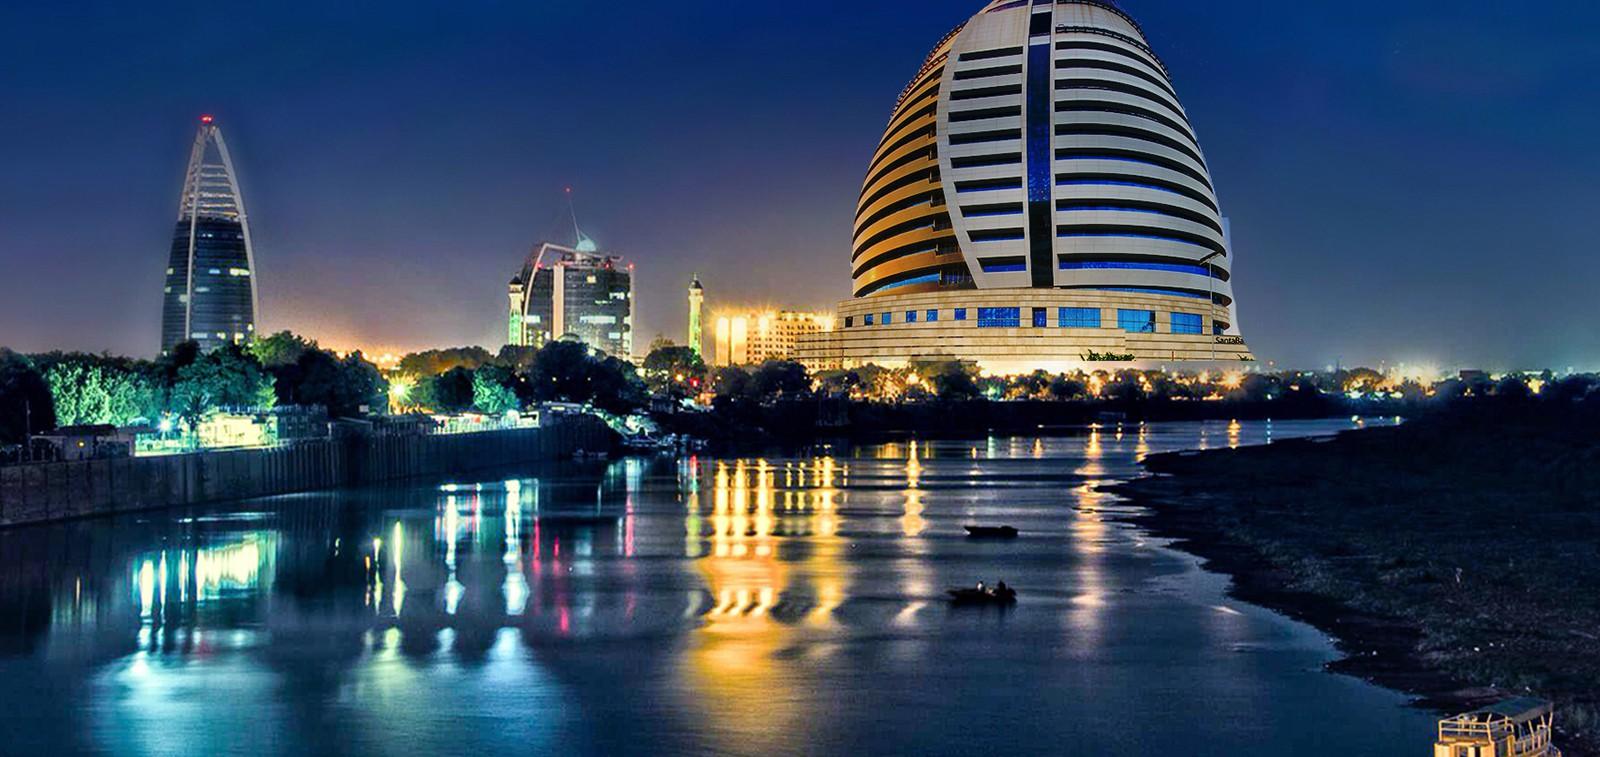 رحلات القاهرة الخرطوم  مع ترافكو هوليدايز